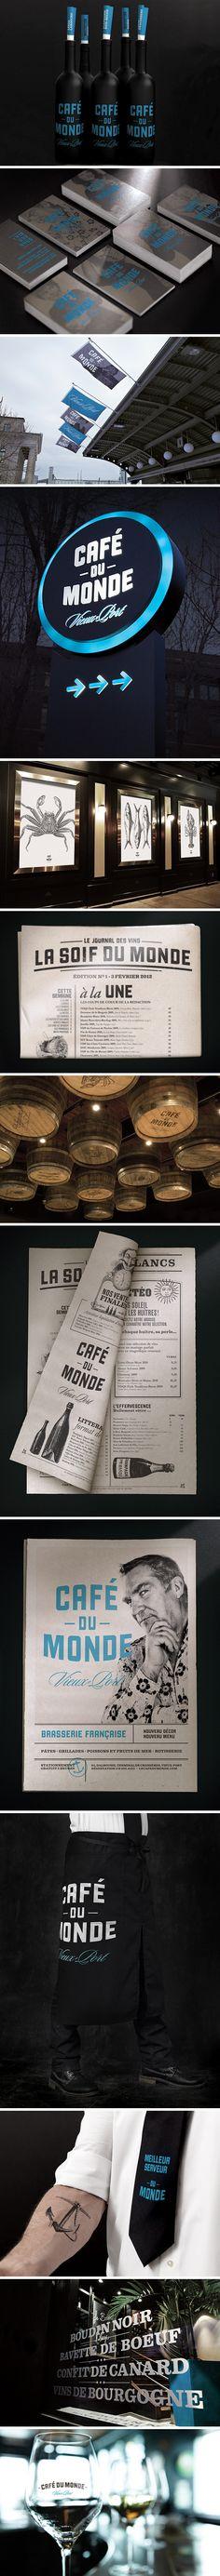 Café du monde branding by lg2boutique